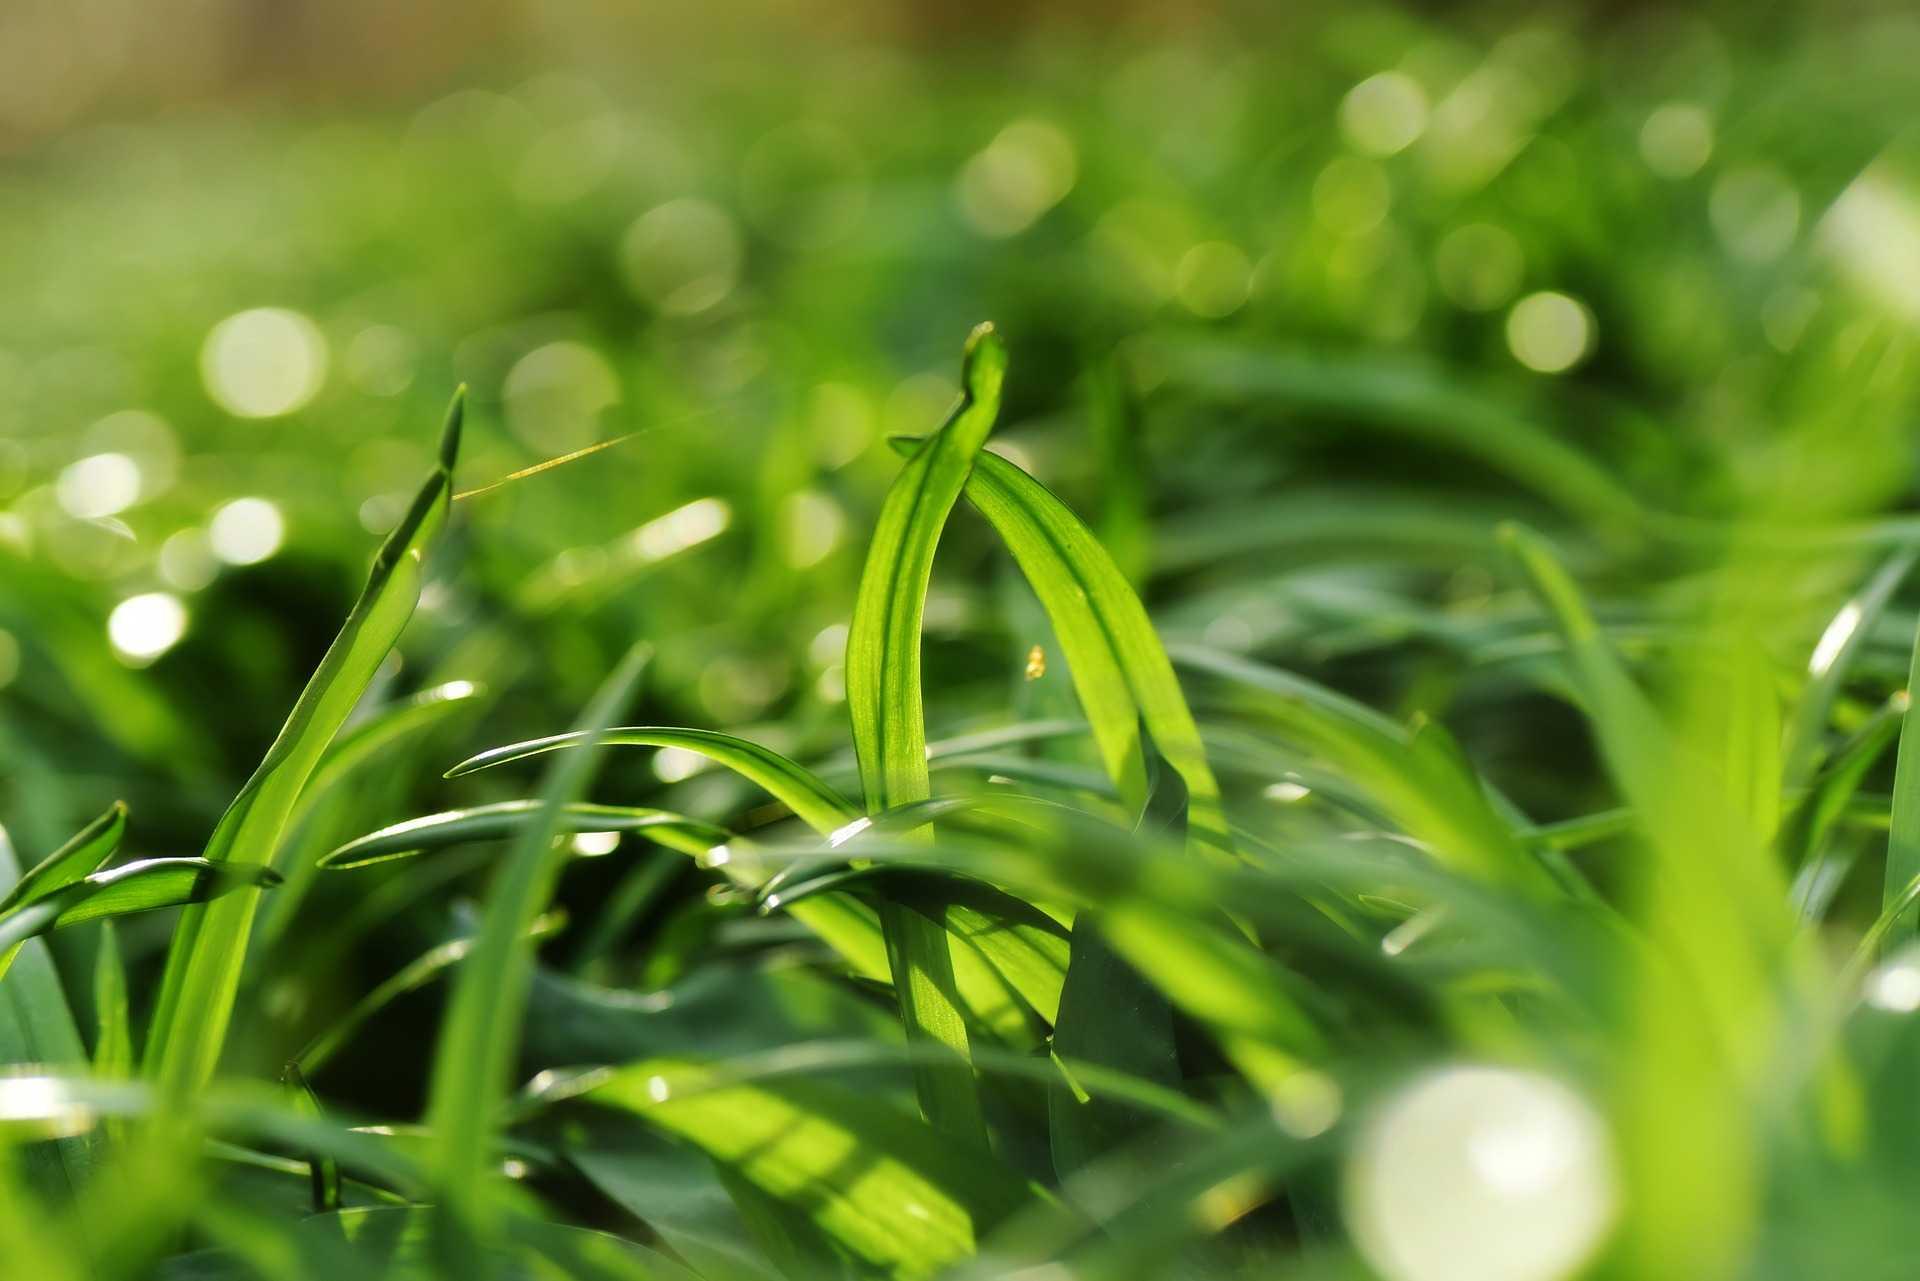 מכללת כרכור, אביב בגינה, ליקוט צמחים ליד הבית